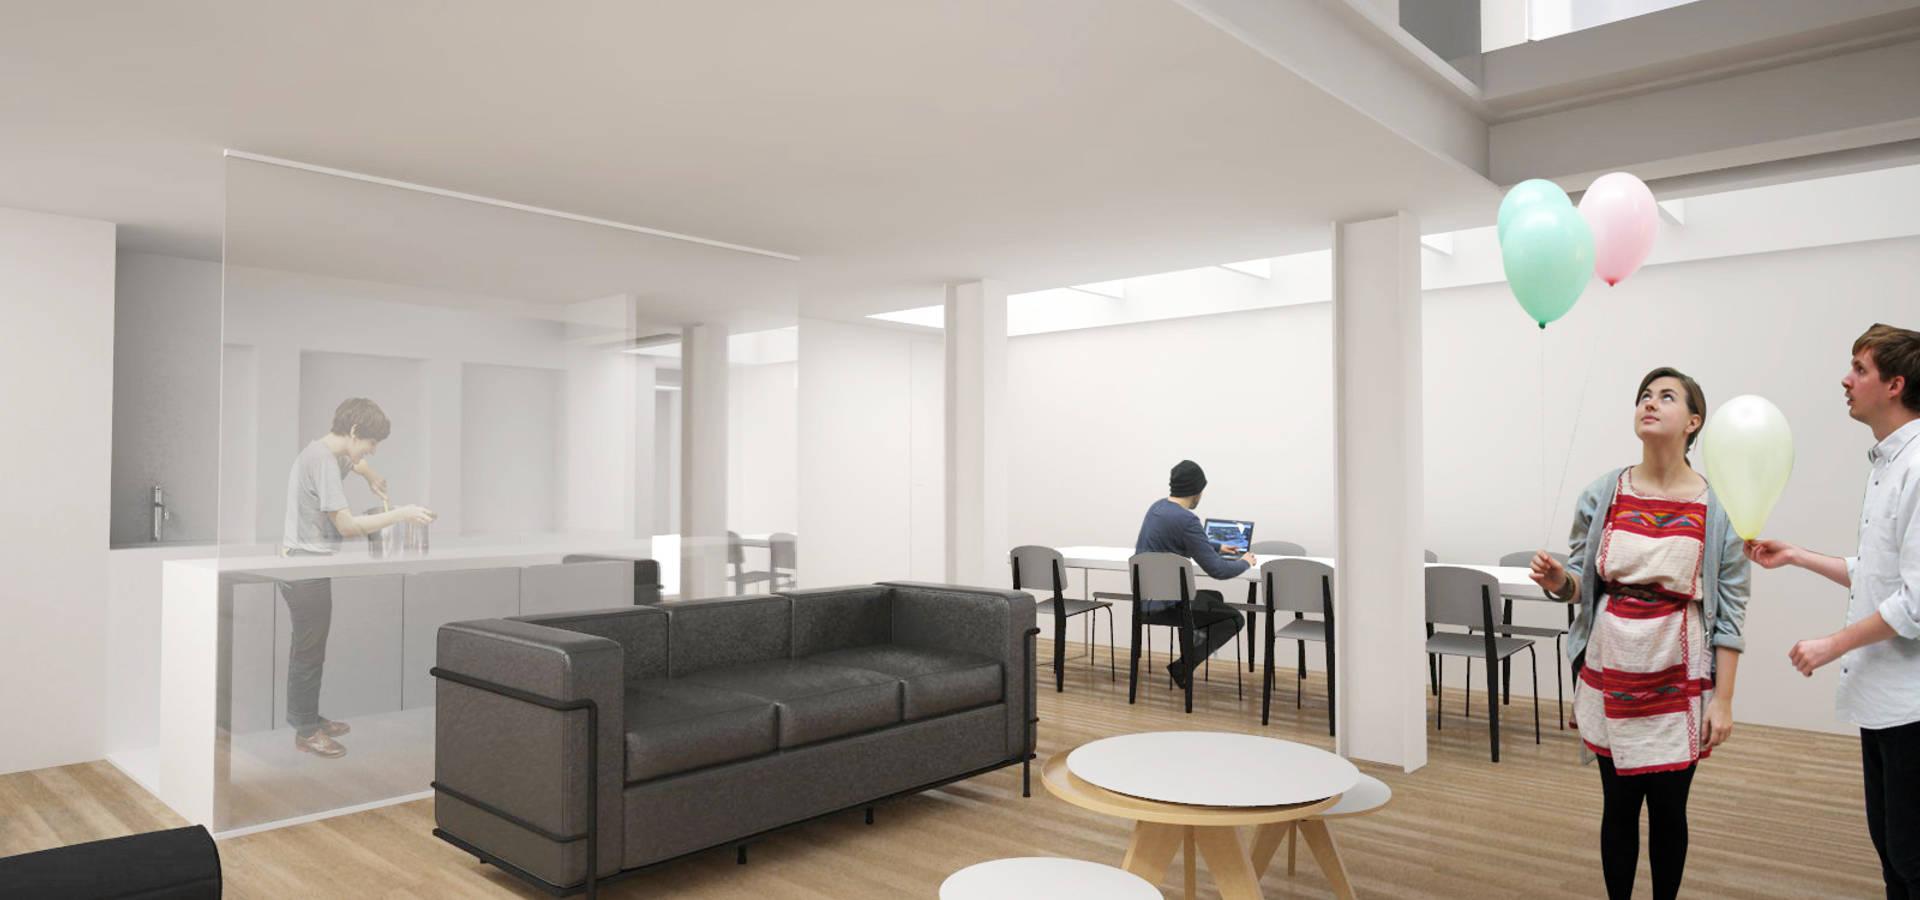 Thibaudeau – Architecte